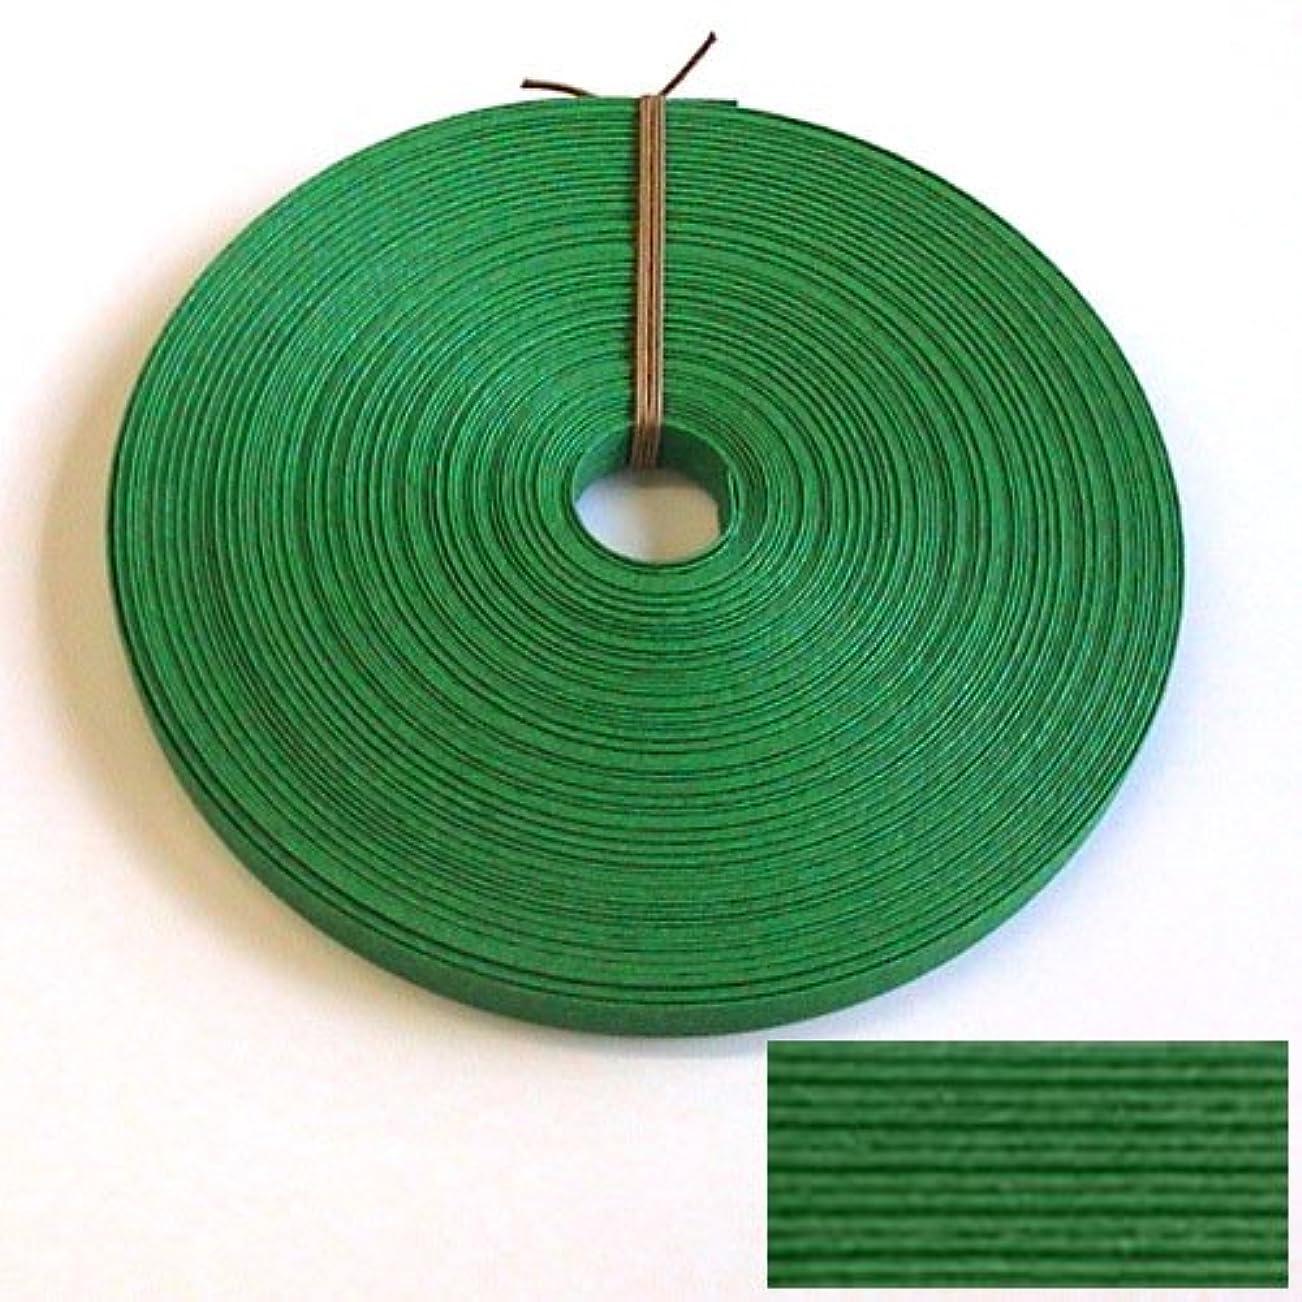 あなたが良くなりますチューブ鉄道駅紙バンド手芸用ホビーテープ 30m巻 グリーン